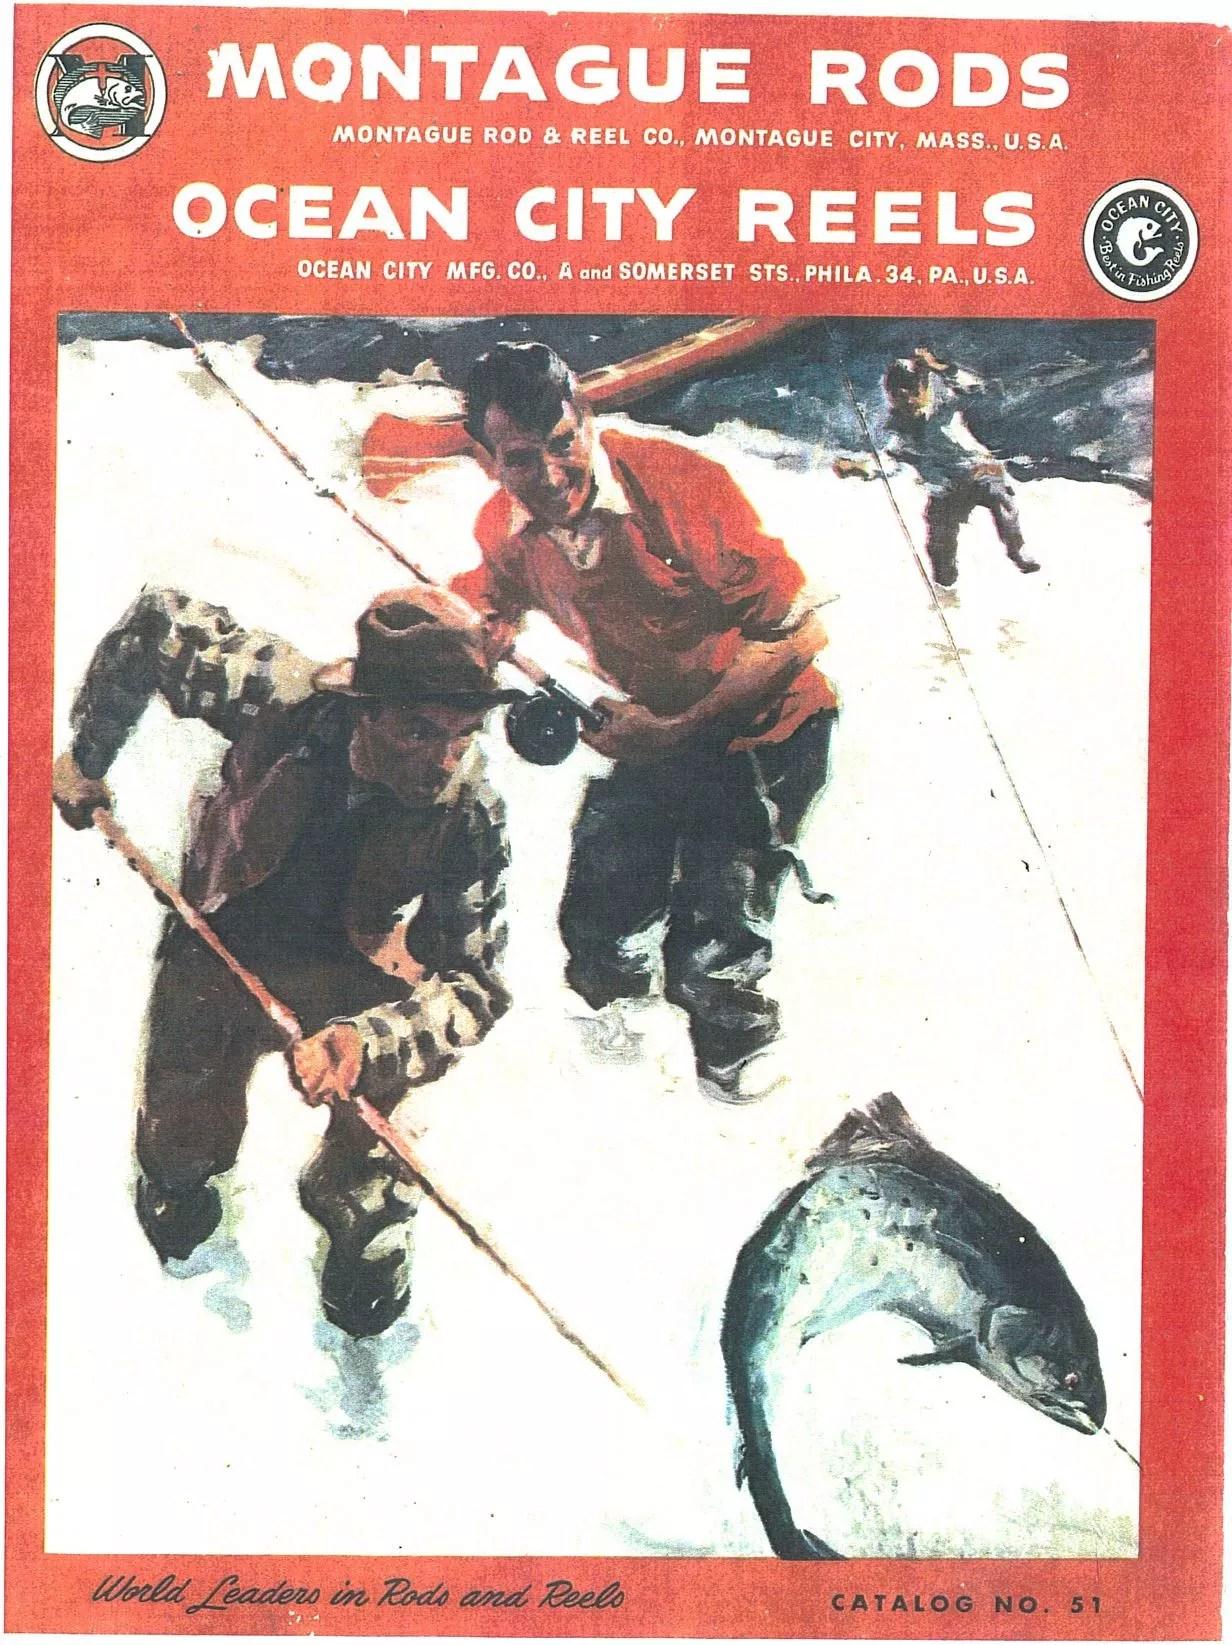 Ocean City Reels